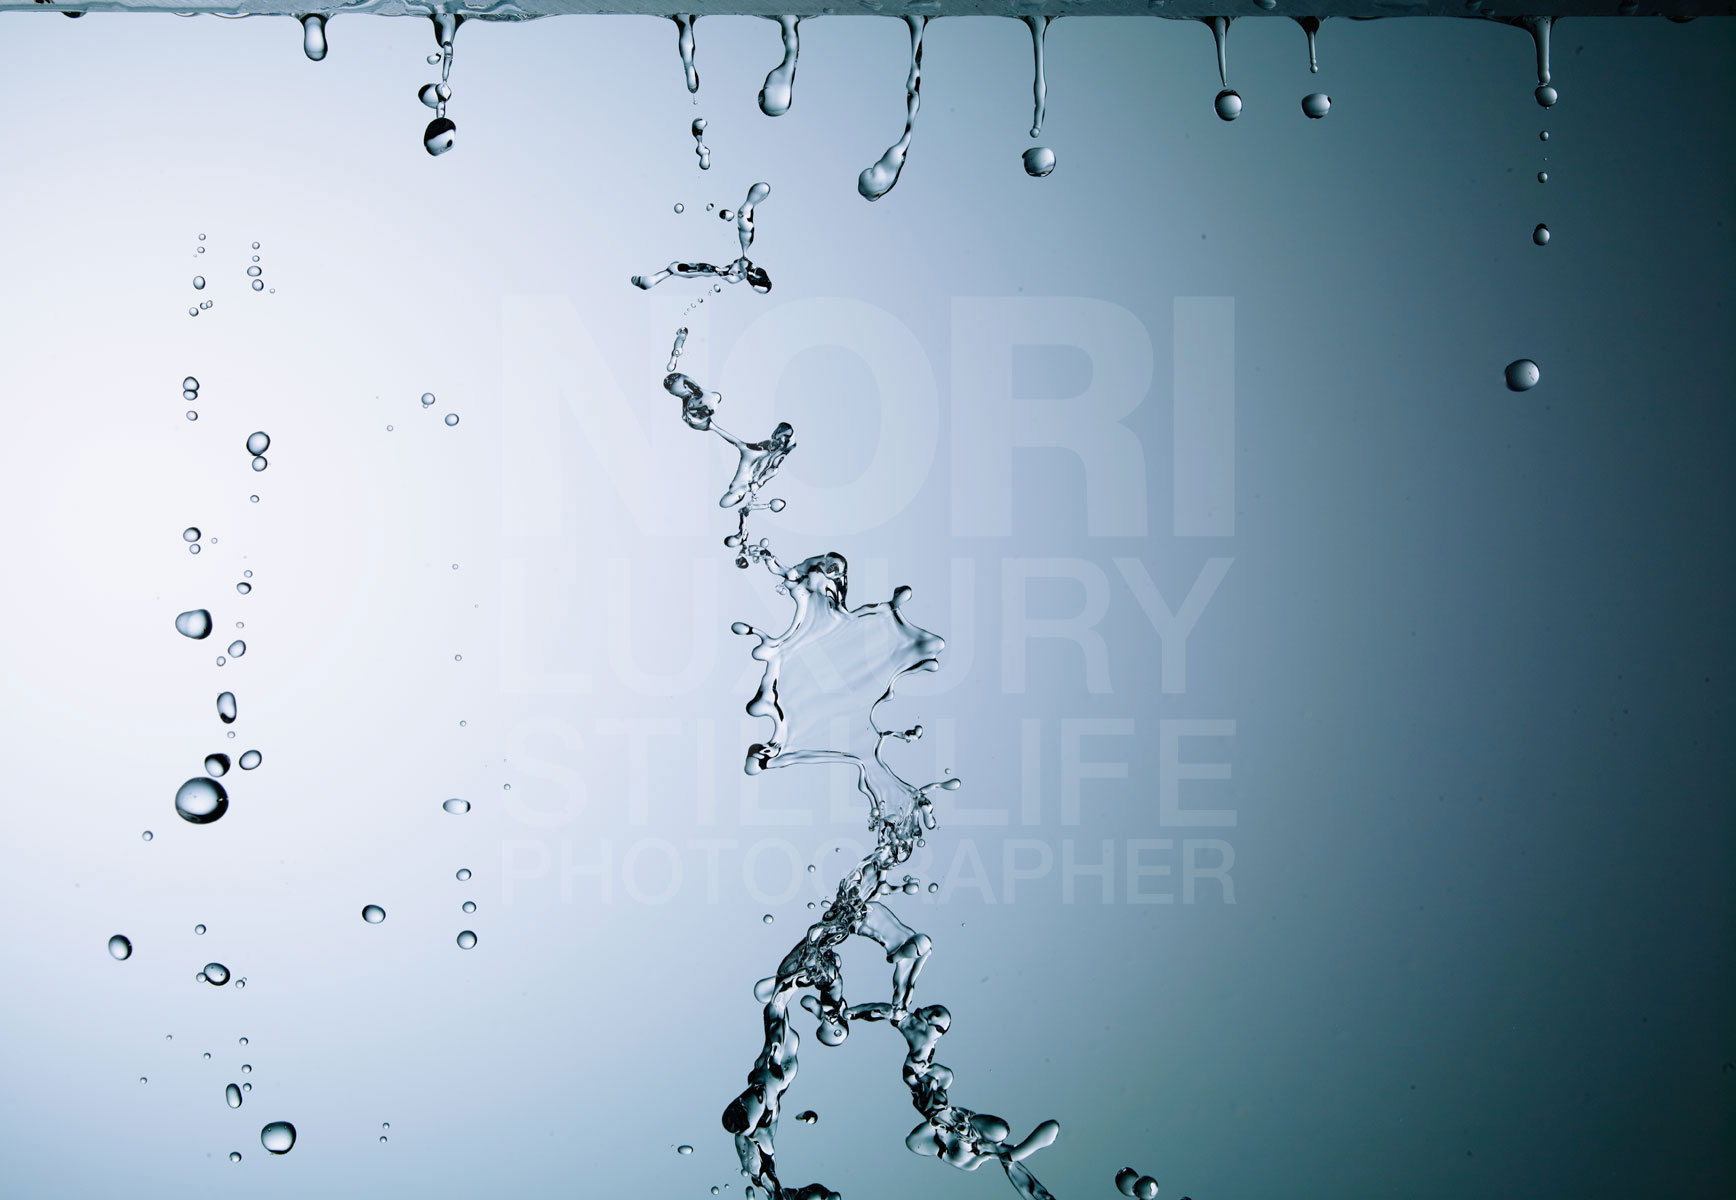 61d_091110_waterdrop-17704.jpg